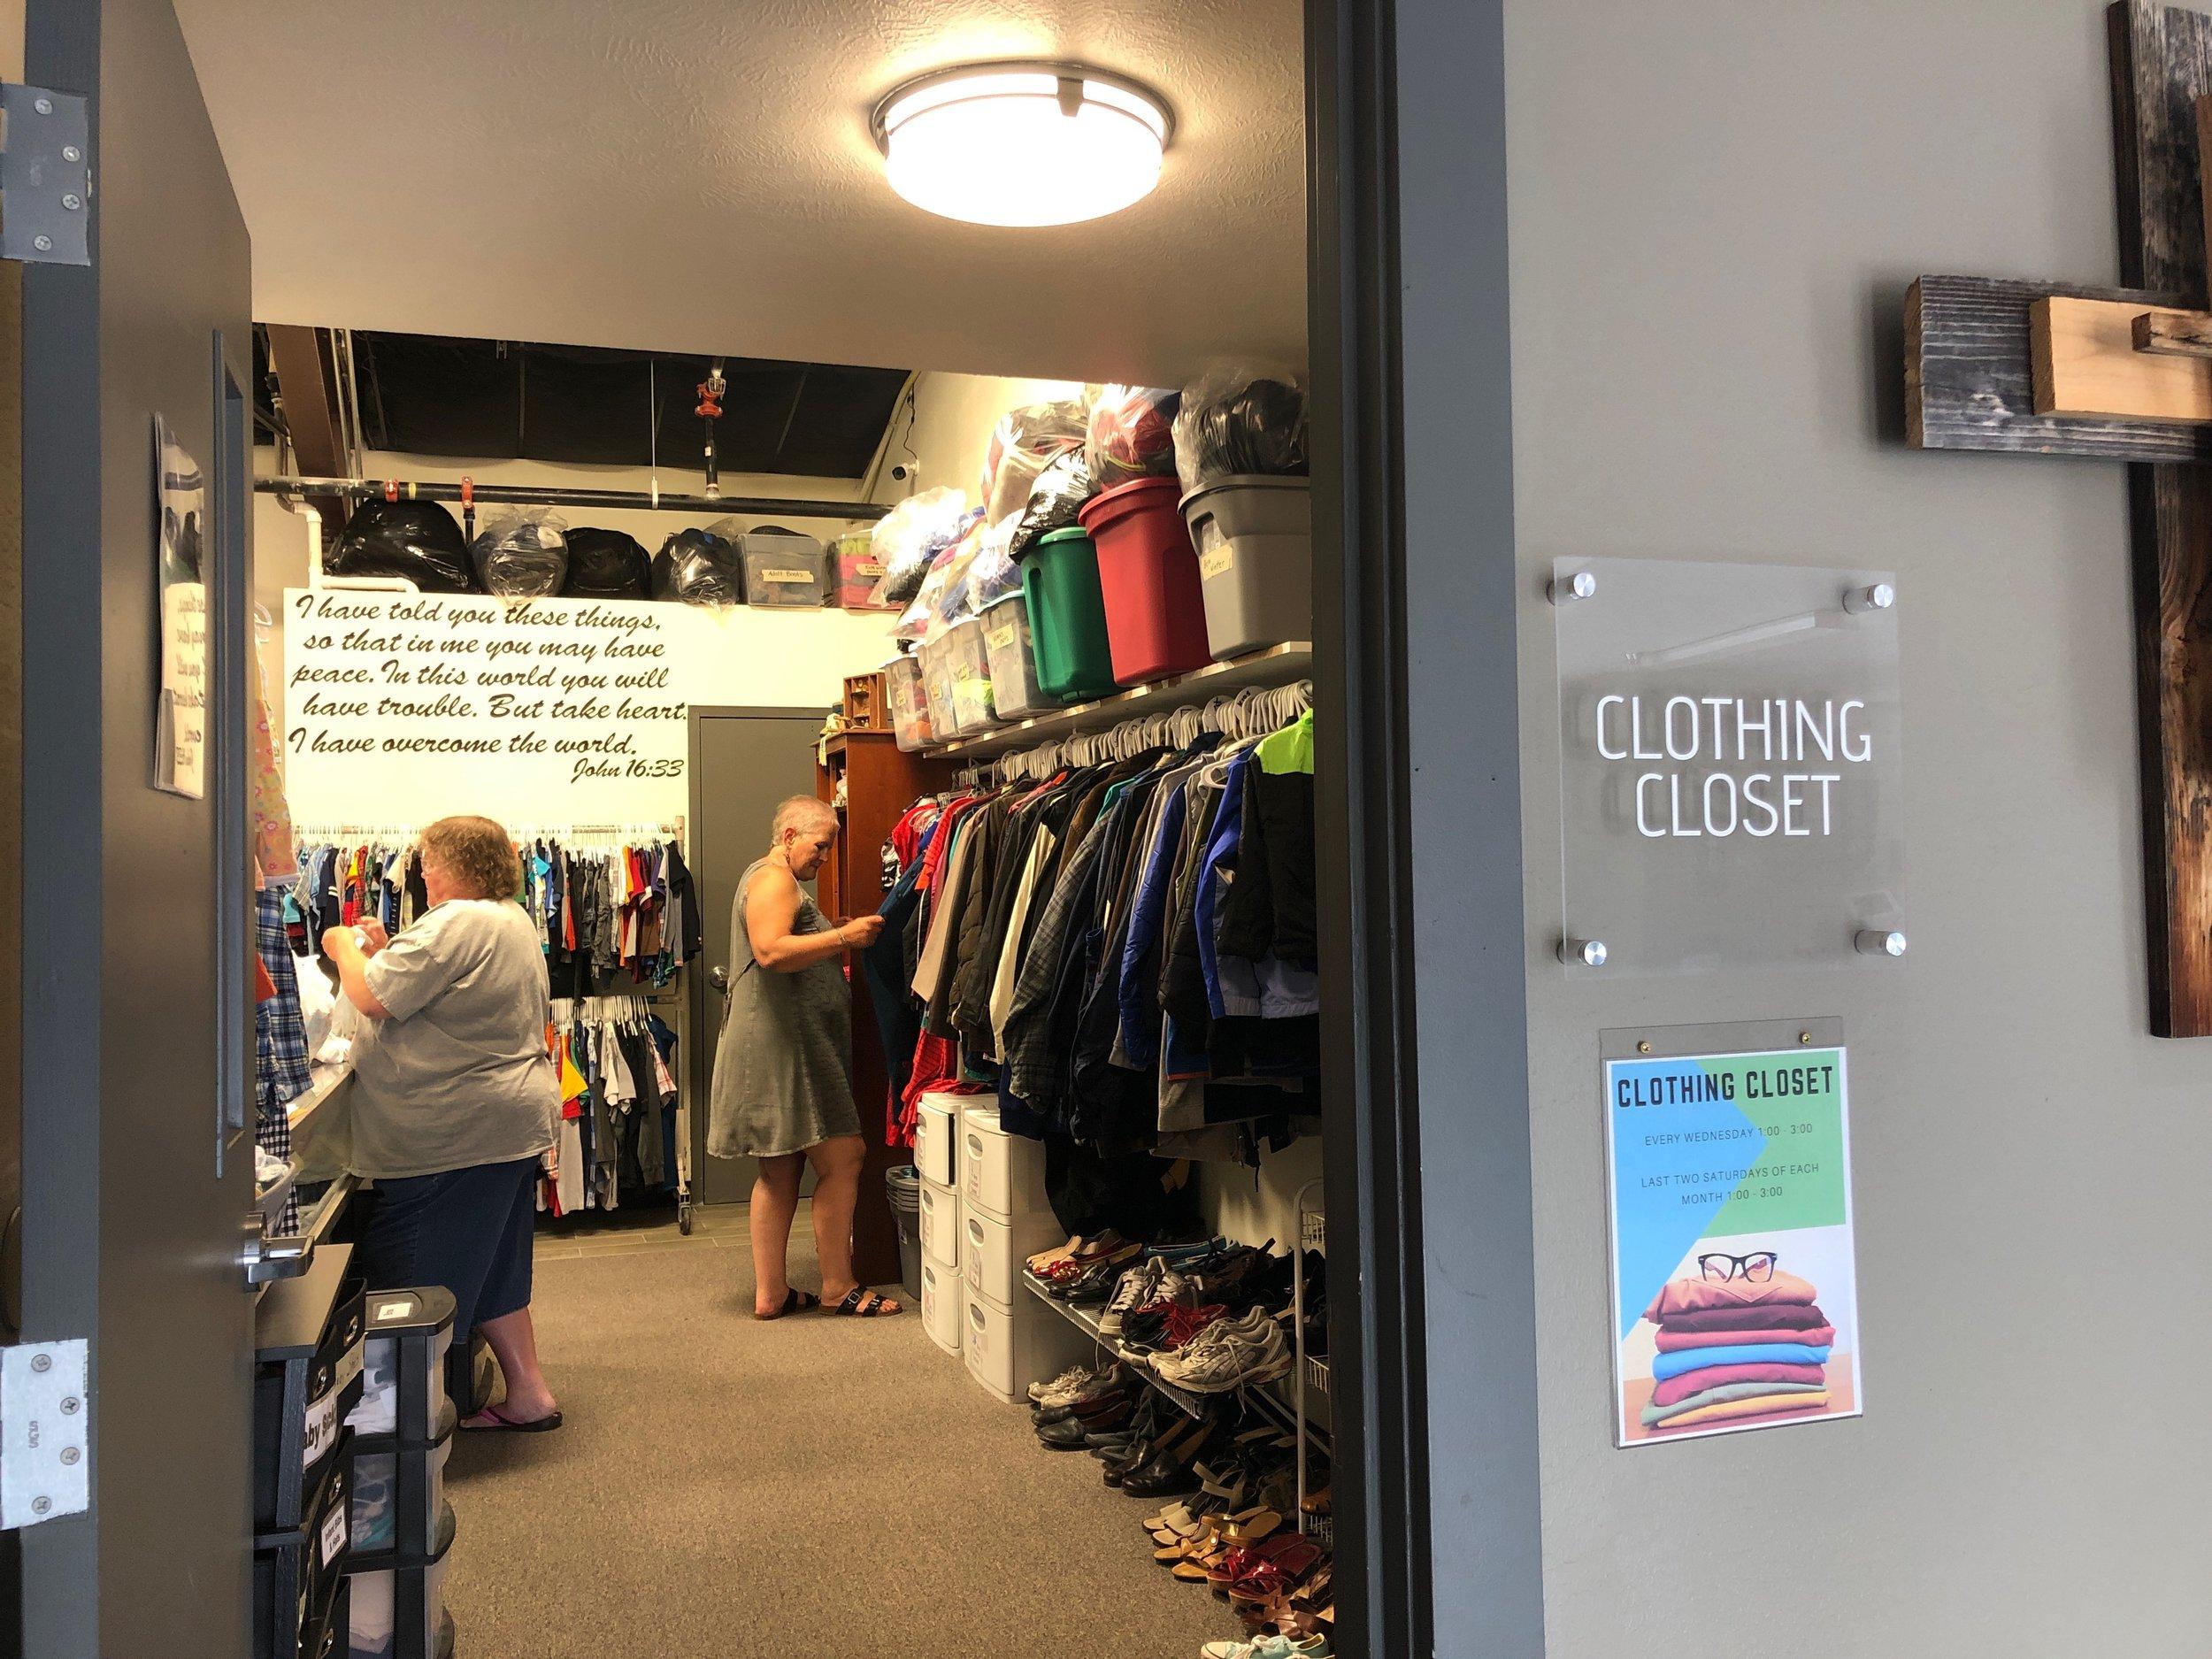 clothing closet8AC4D7BFD.jpg